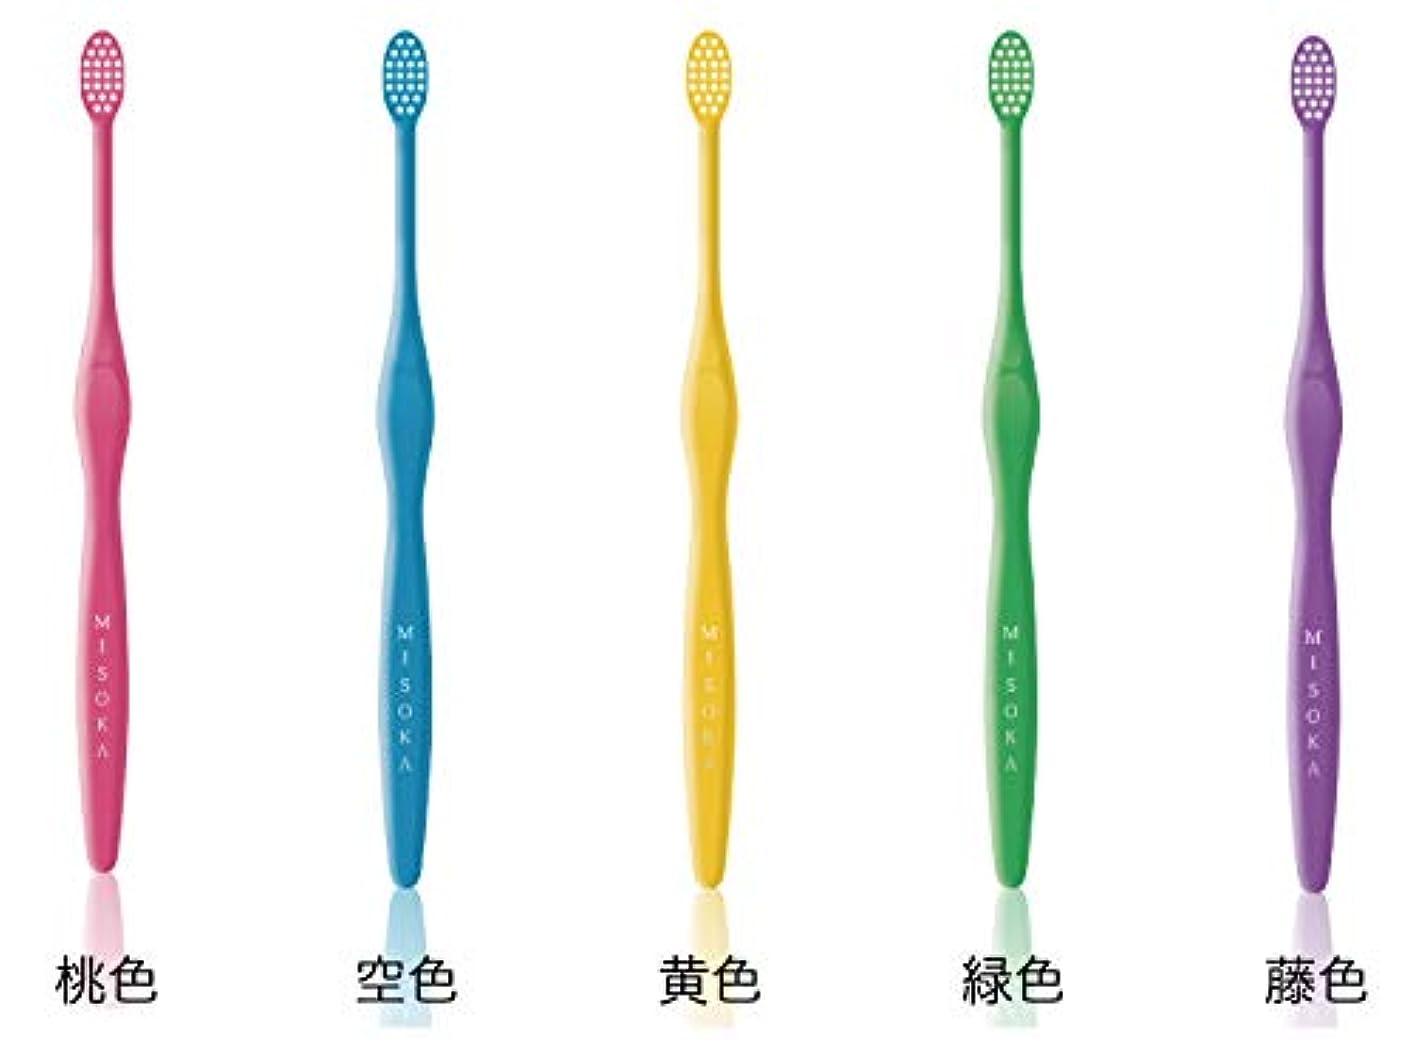 測定重力インシュレータMISOKA PRO (ミソカ プロ) 大人用歯ブラシ 歯科医院専売 3本セット (パープル)